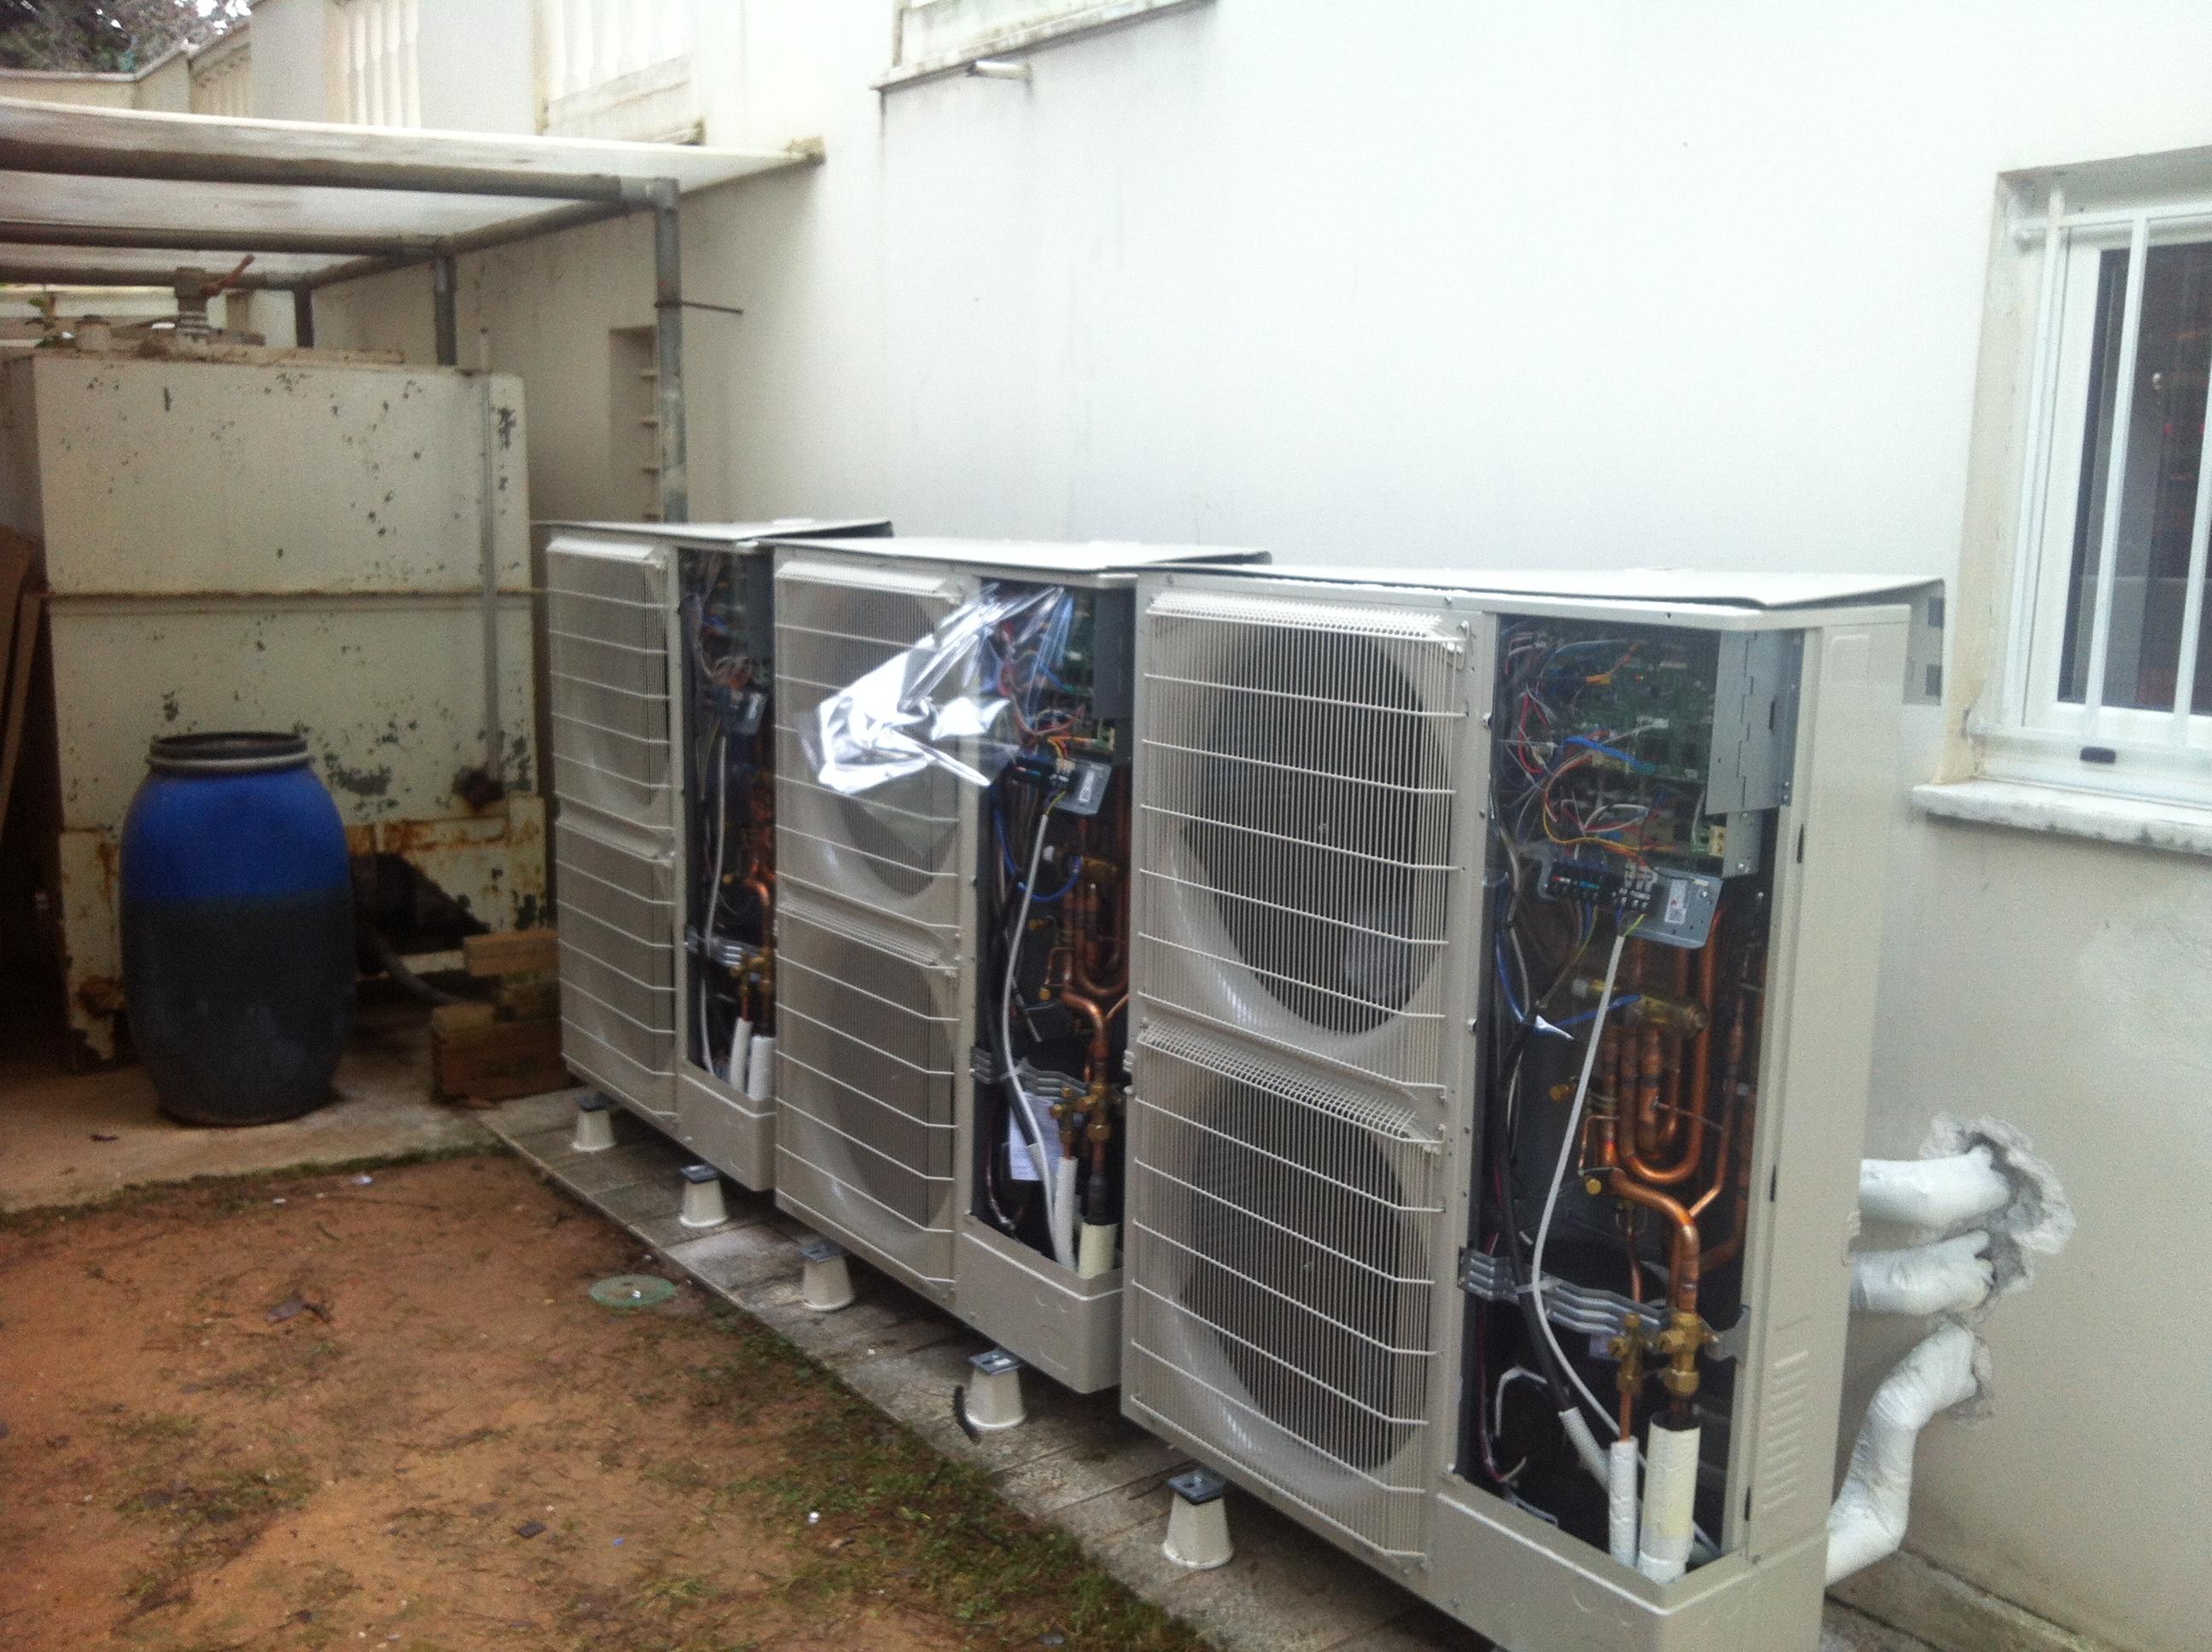 Τρείς Αντλίες Θερμότητος των  25 kW η κάθε μια σε κατοικία 700μ2 στην Εκάλη αρχή συνδέσεων-2